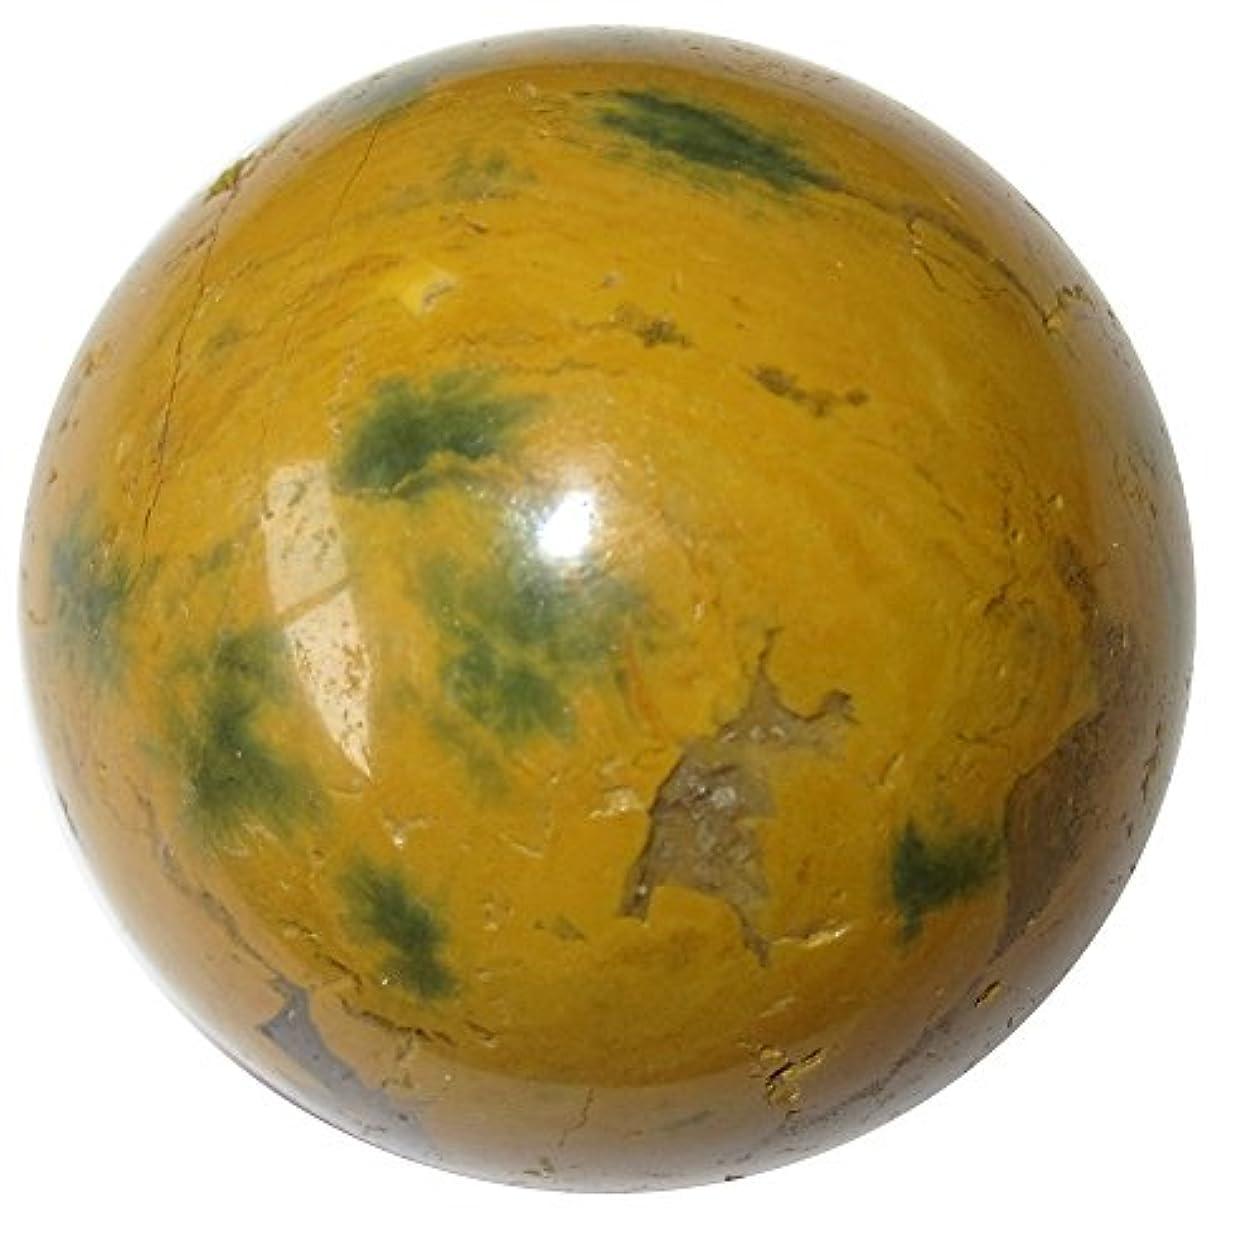 ポインタ支配する長いですサテンクリスタルジャスパー海洋ボールプレミアムマダガスカル球水要素エネルギーフローストーンp01 1.6 Inches イエロー jasperoceanball01-mustardgreen-1.6